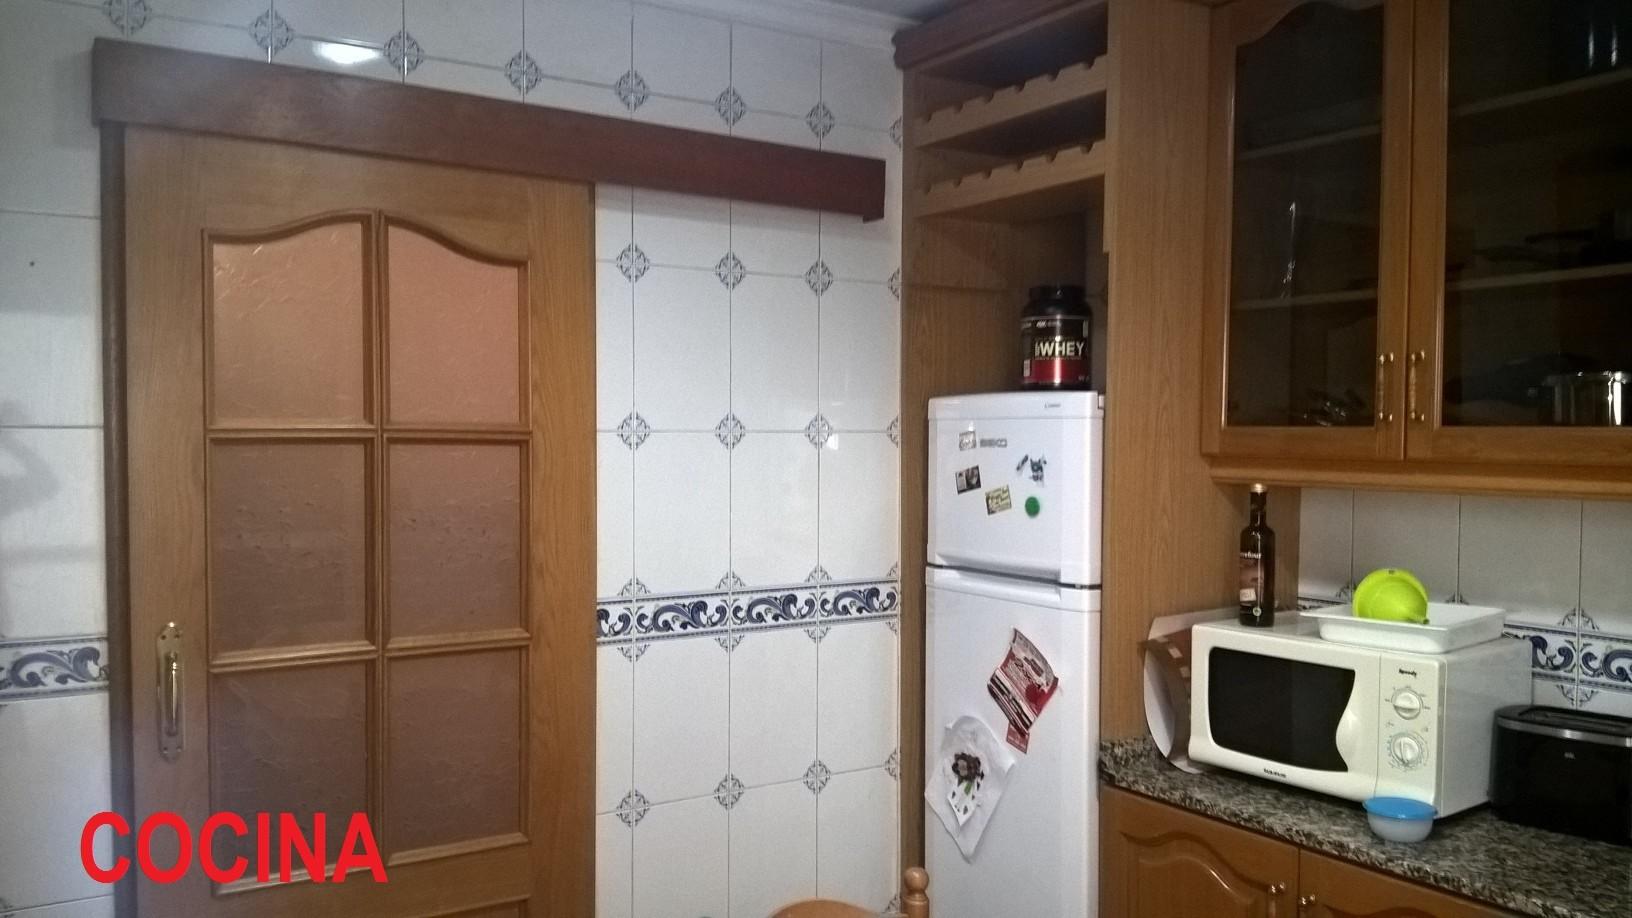 Habitaci n en murcia con todo incluido alquiler for Alquilar habitacion en murcia